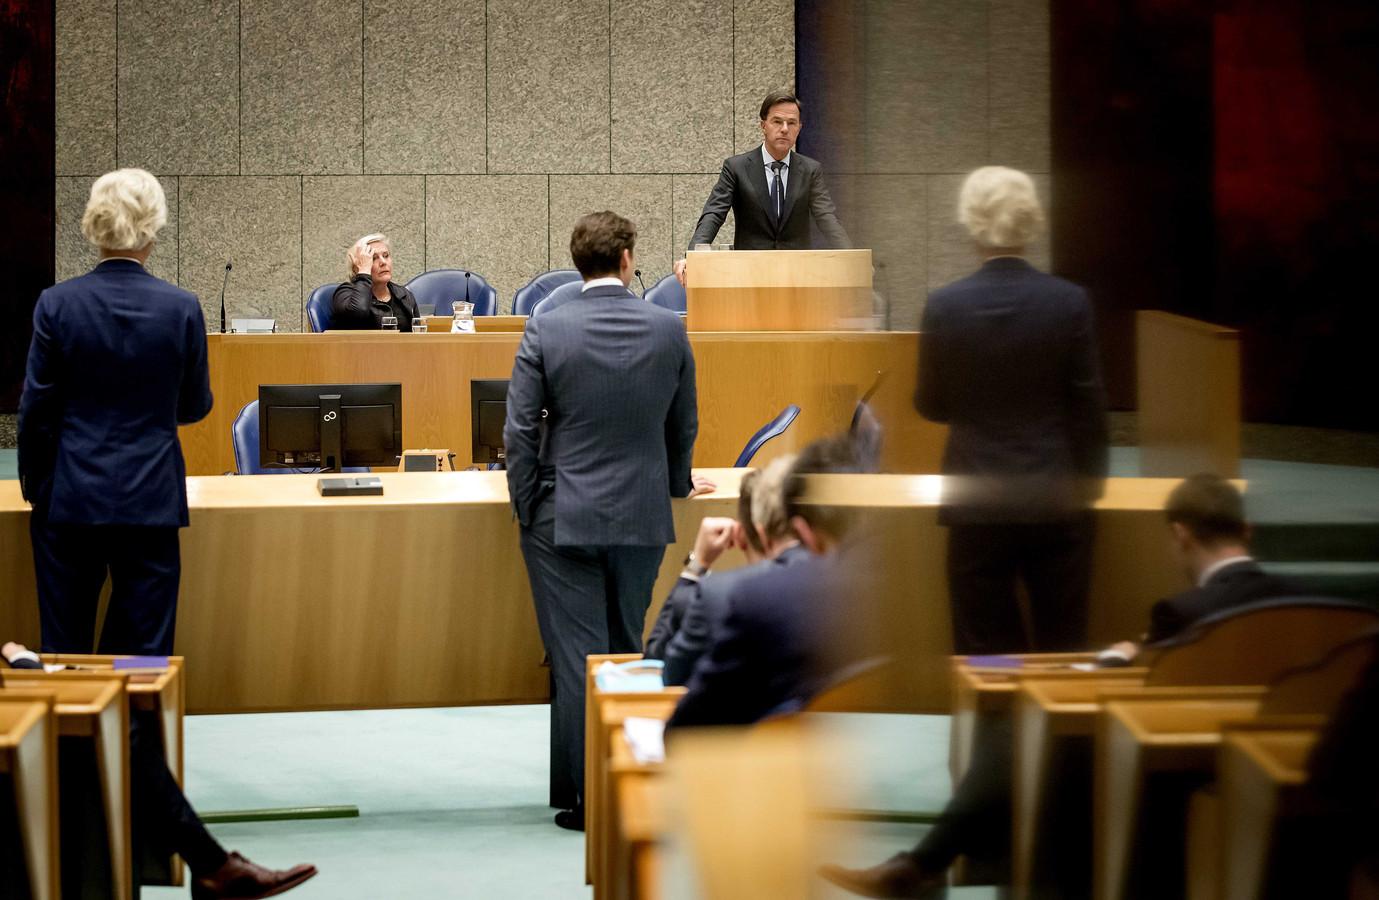 Geert Wilders (PVV), Thierry Baudet (FvD), Ank Bijleveld, minister van Defensie en premier Mark Rutte